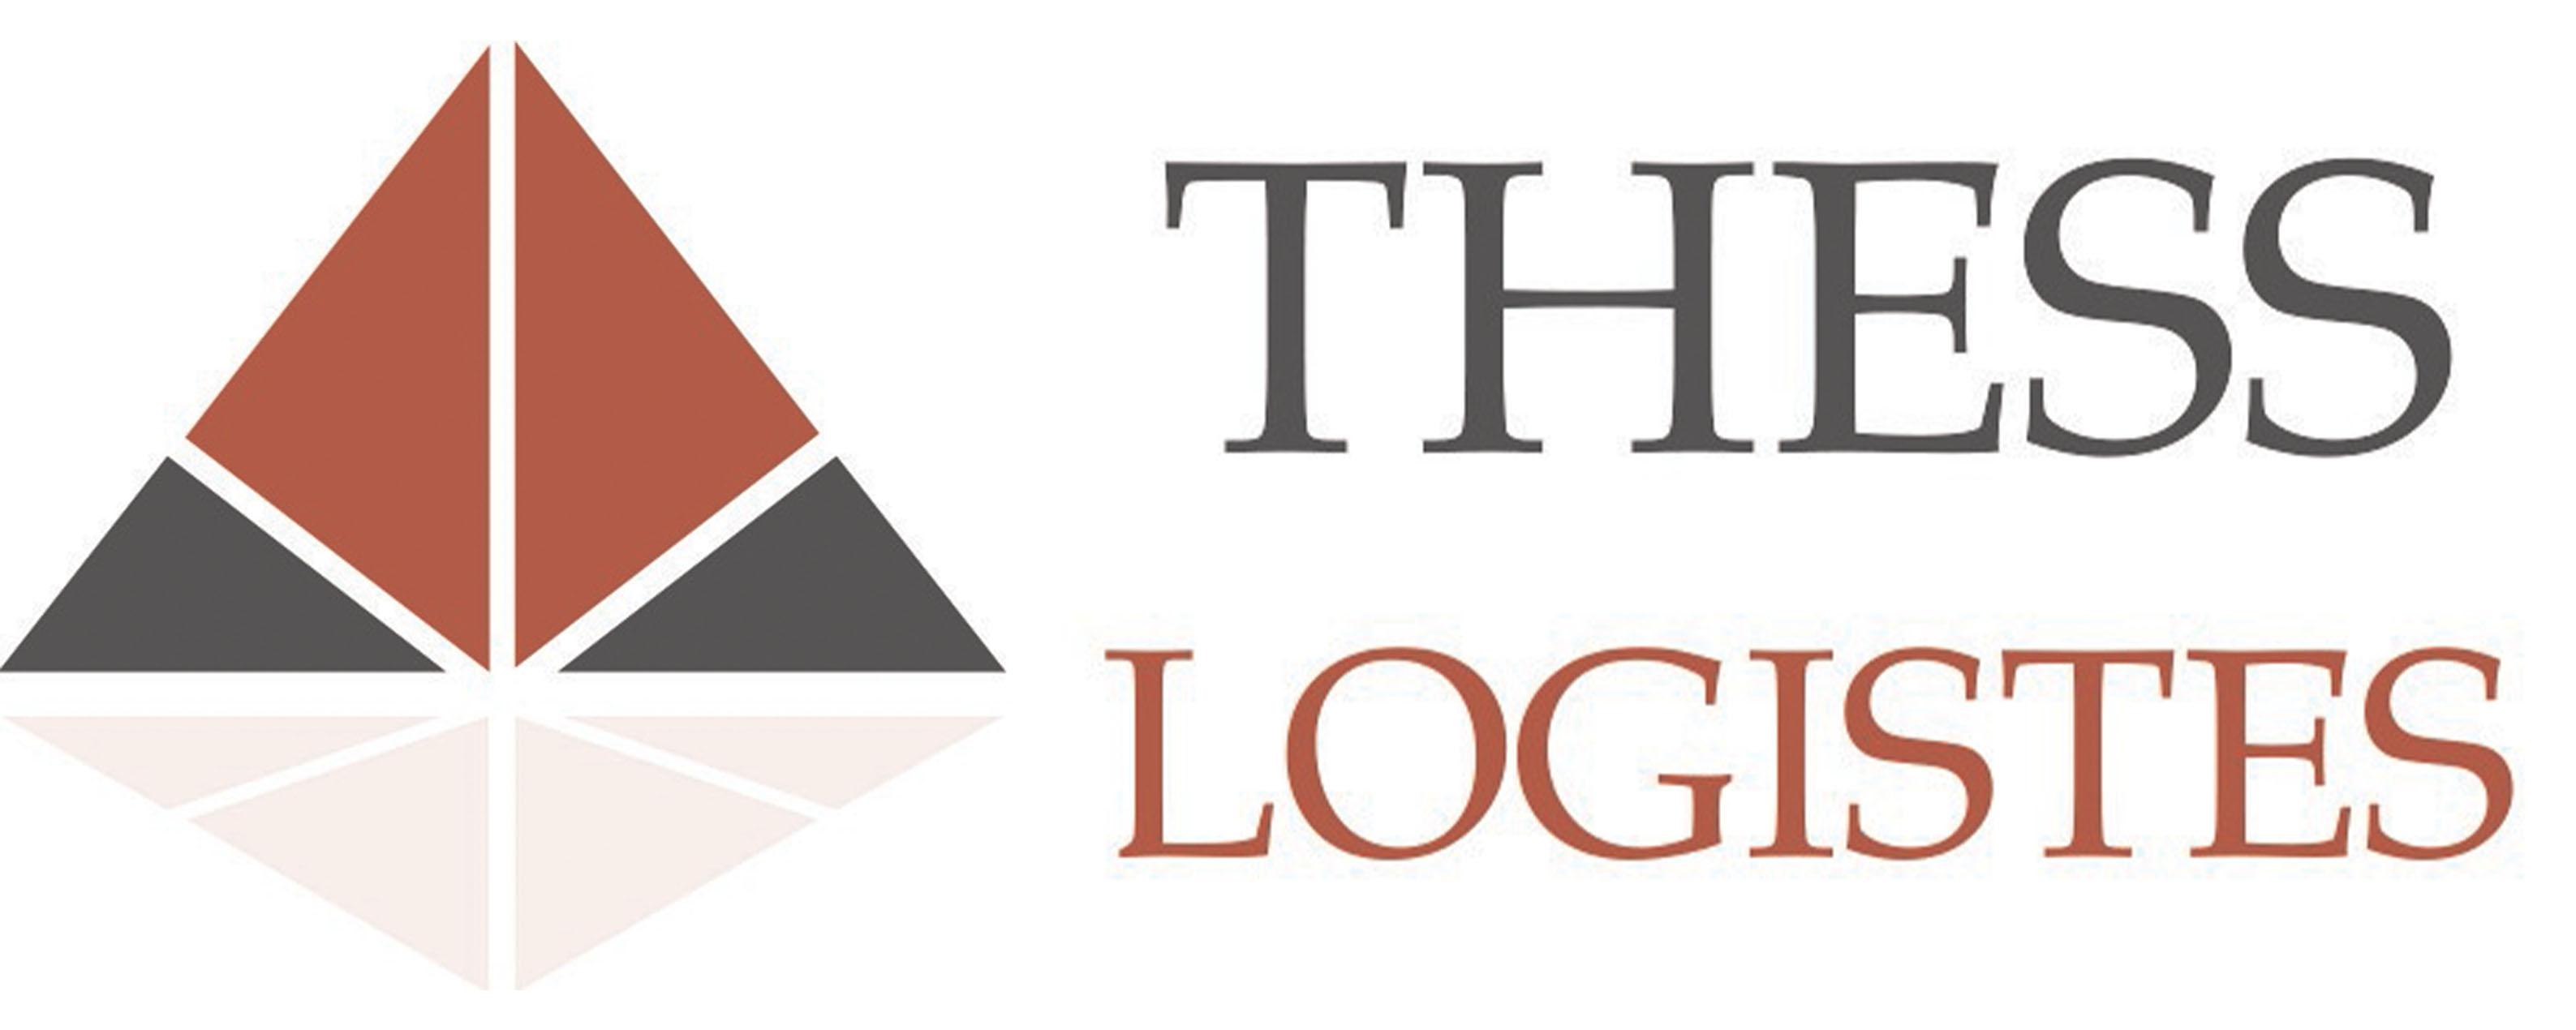 Thesslogistes